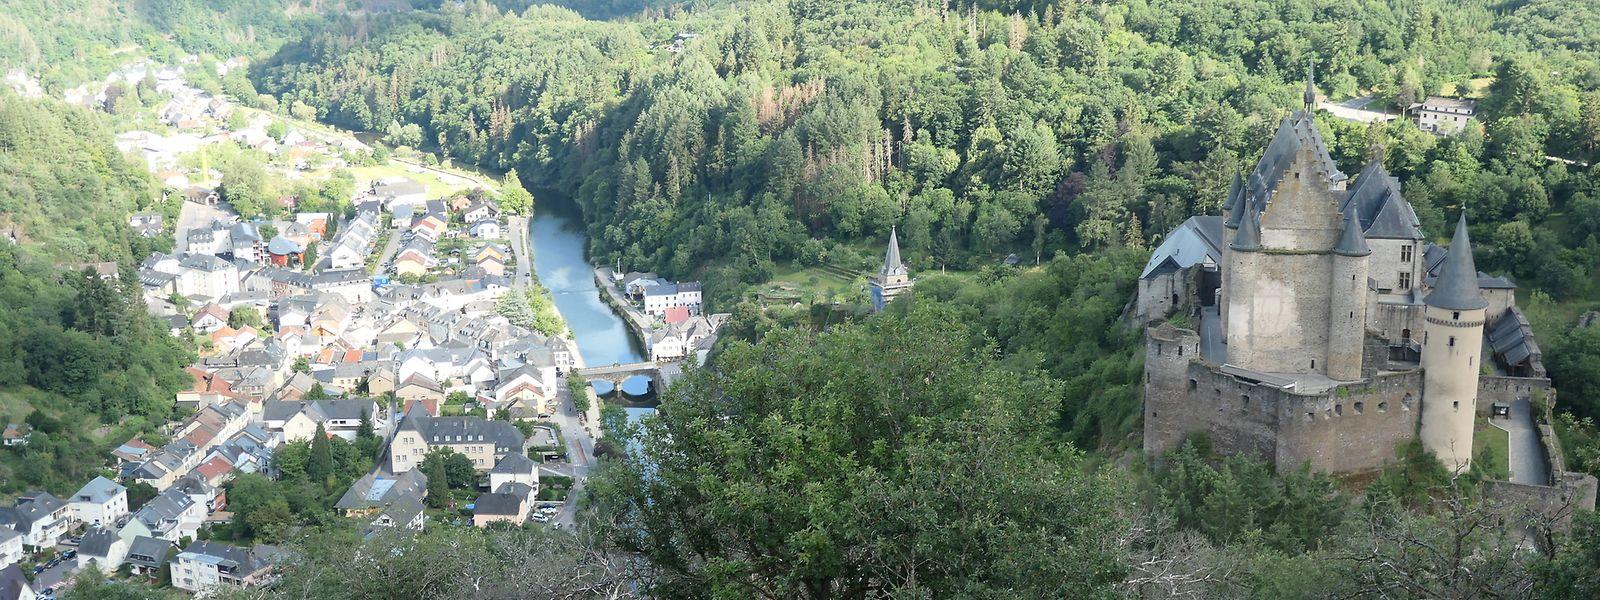 La deuxième chasse au trésor débute ce lundi 27 juillet dans les Ardennes luxembourgeoises.